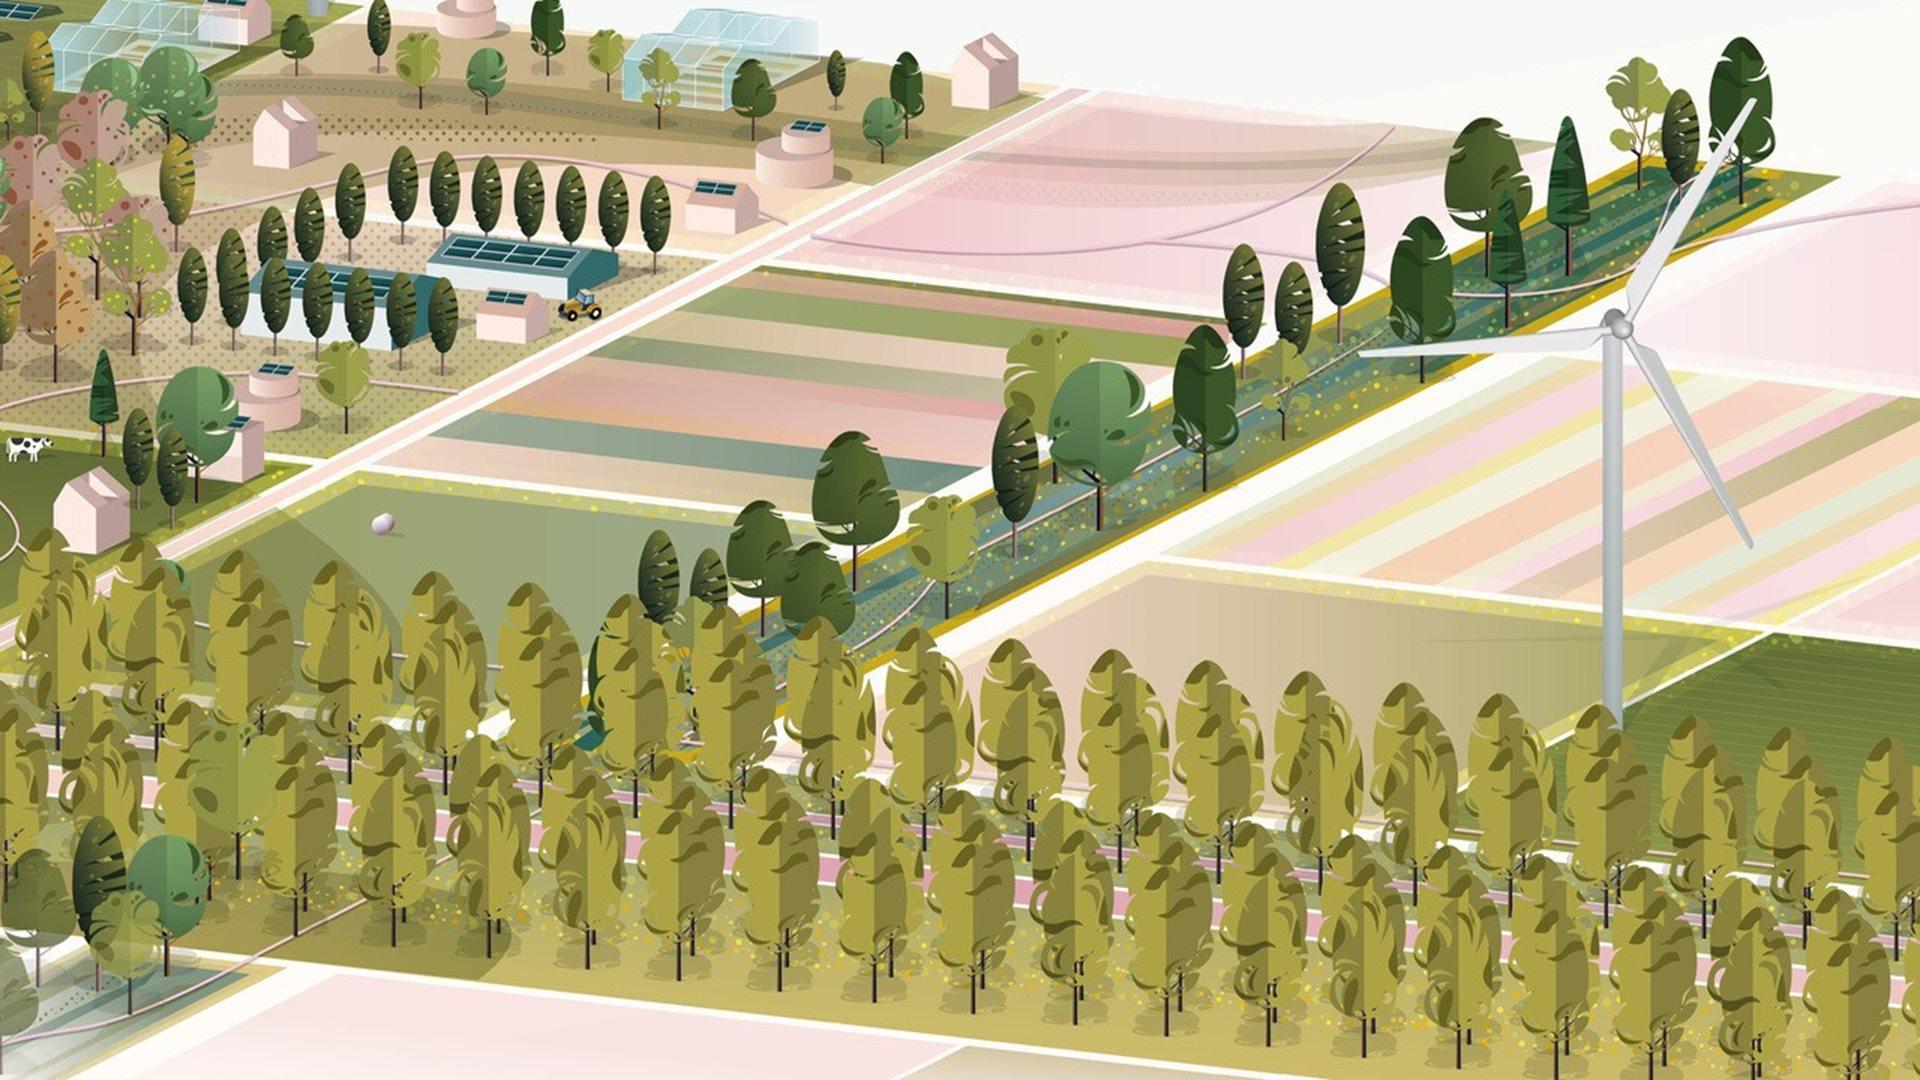 Programma Landschap van de Toekomst visualisatie cover